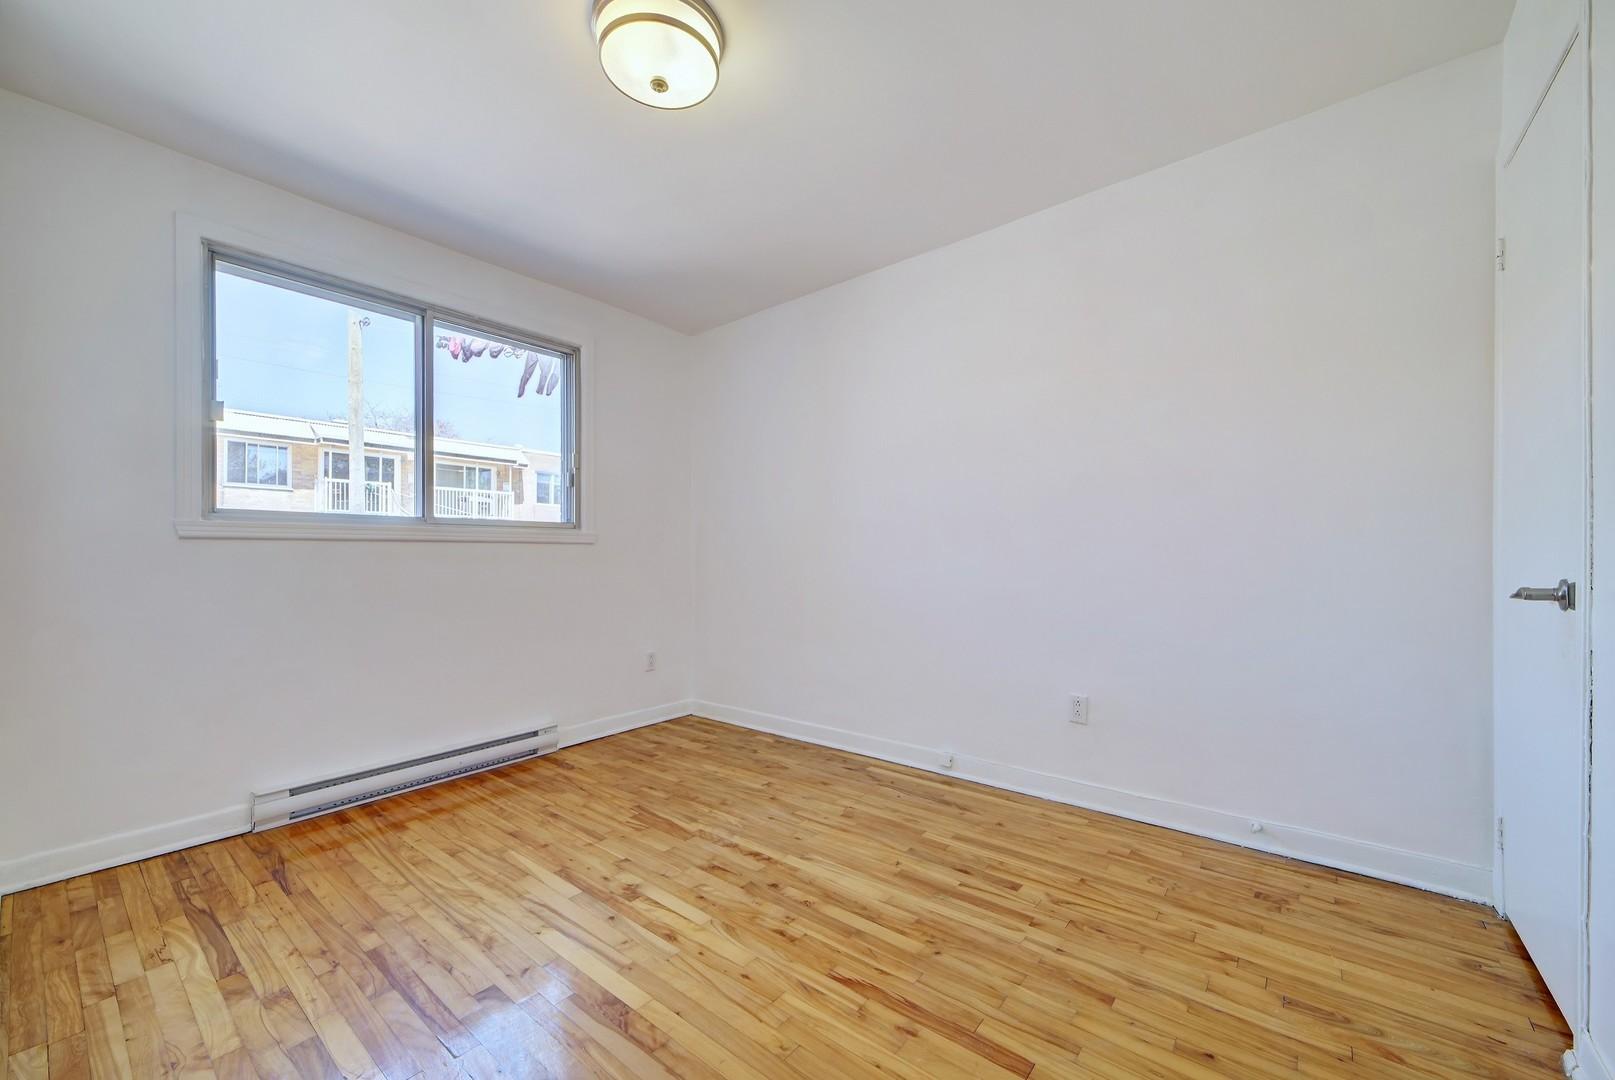 image 2 - Apartment - For rent - Montréal  (Mercier) - 4 rooms